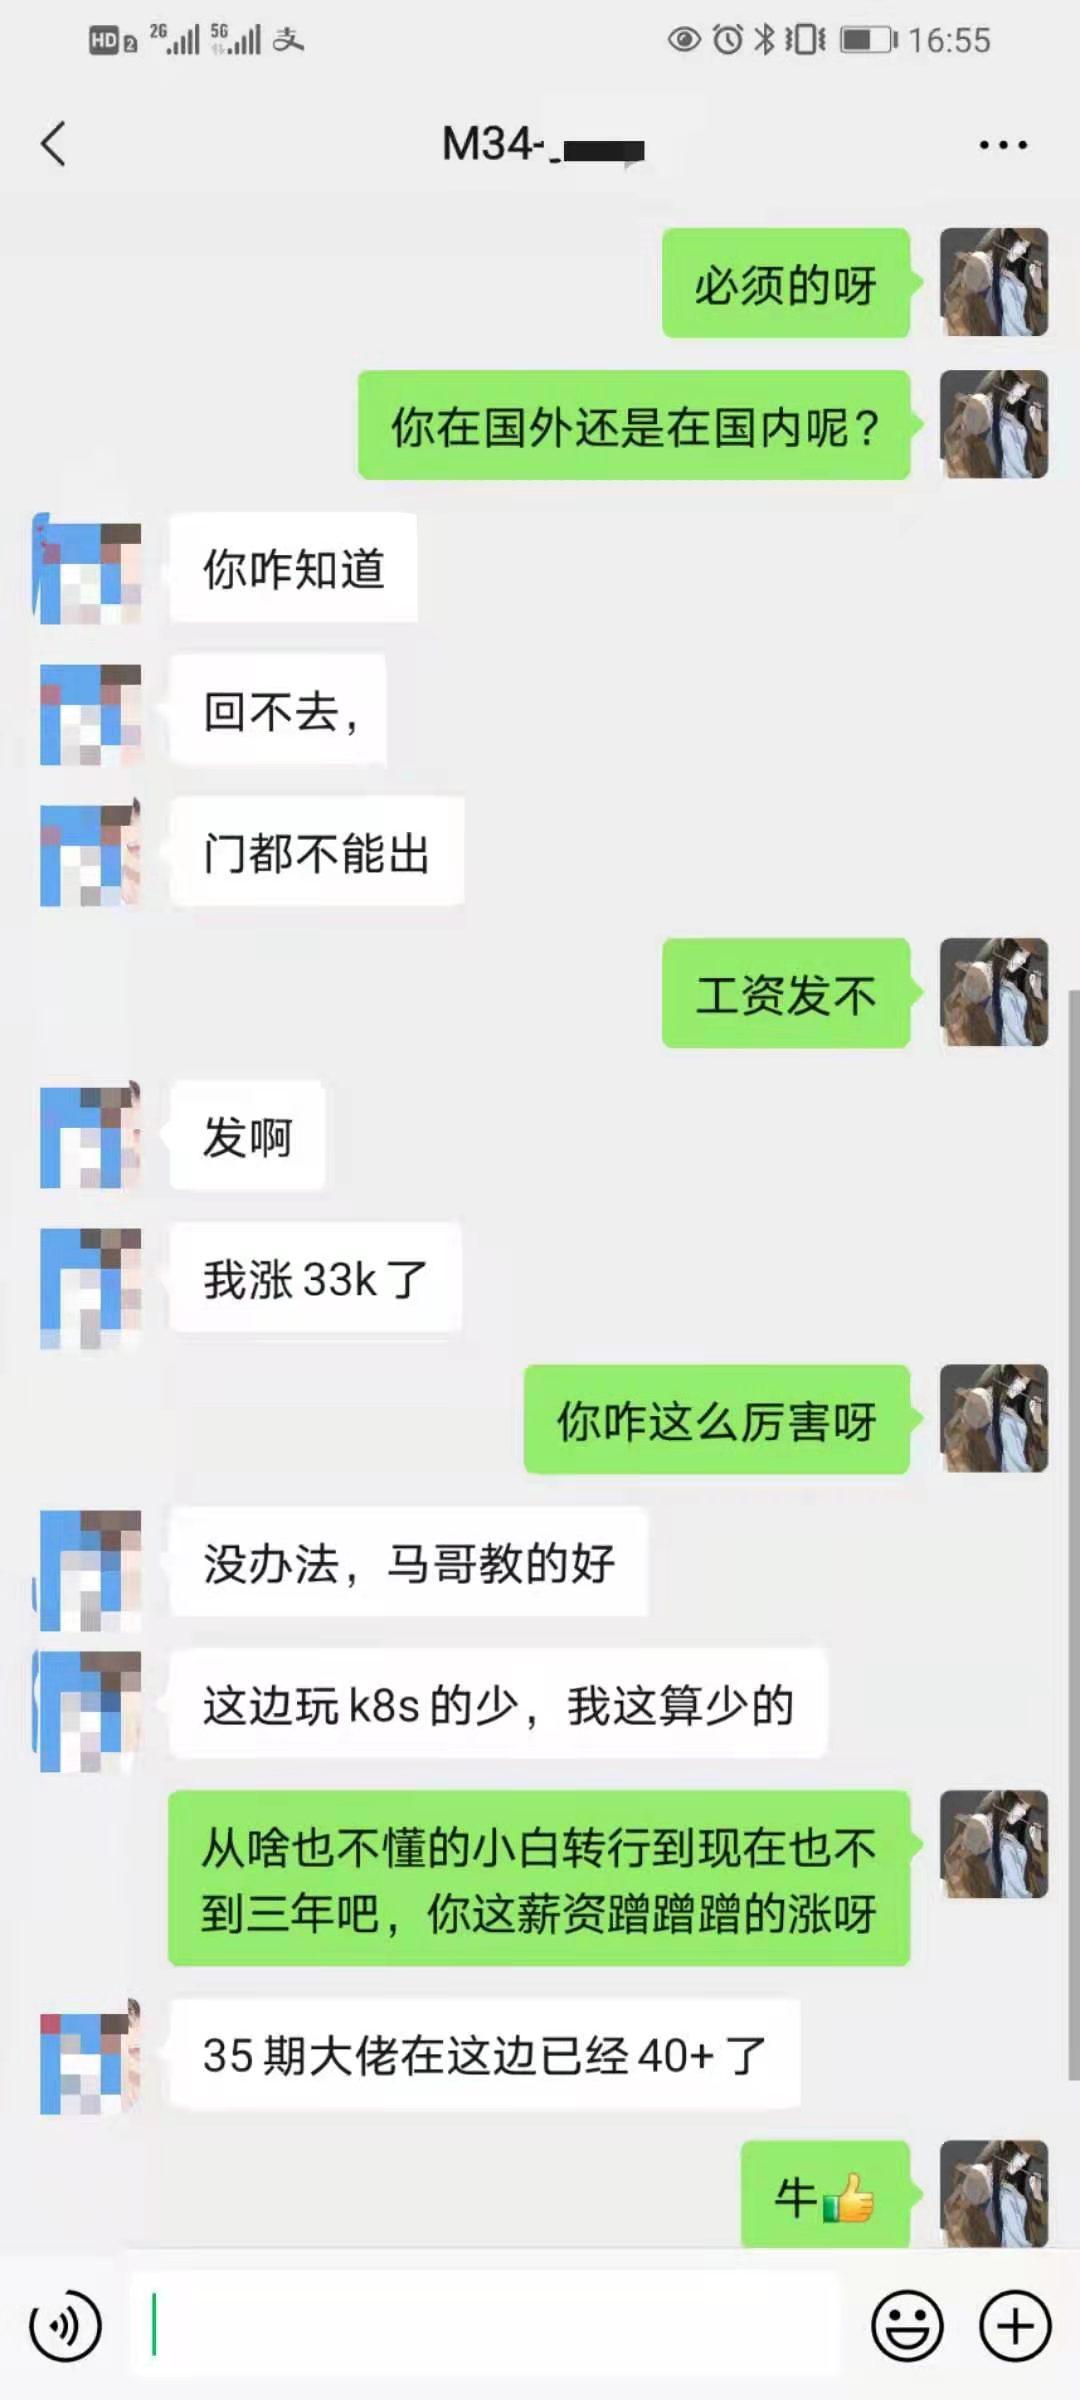 【学员喜讯-940期】转行学习,结业两年月薪33k